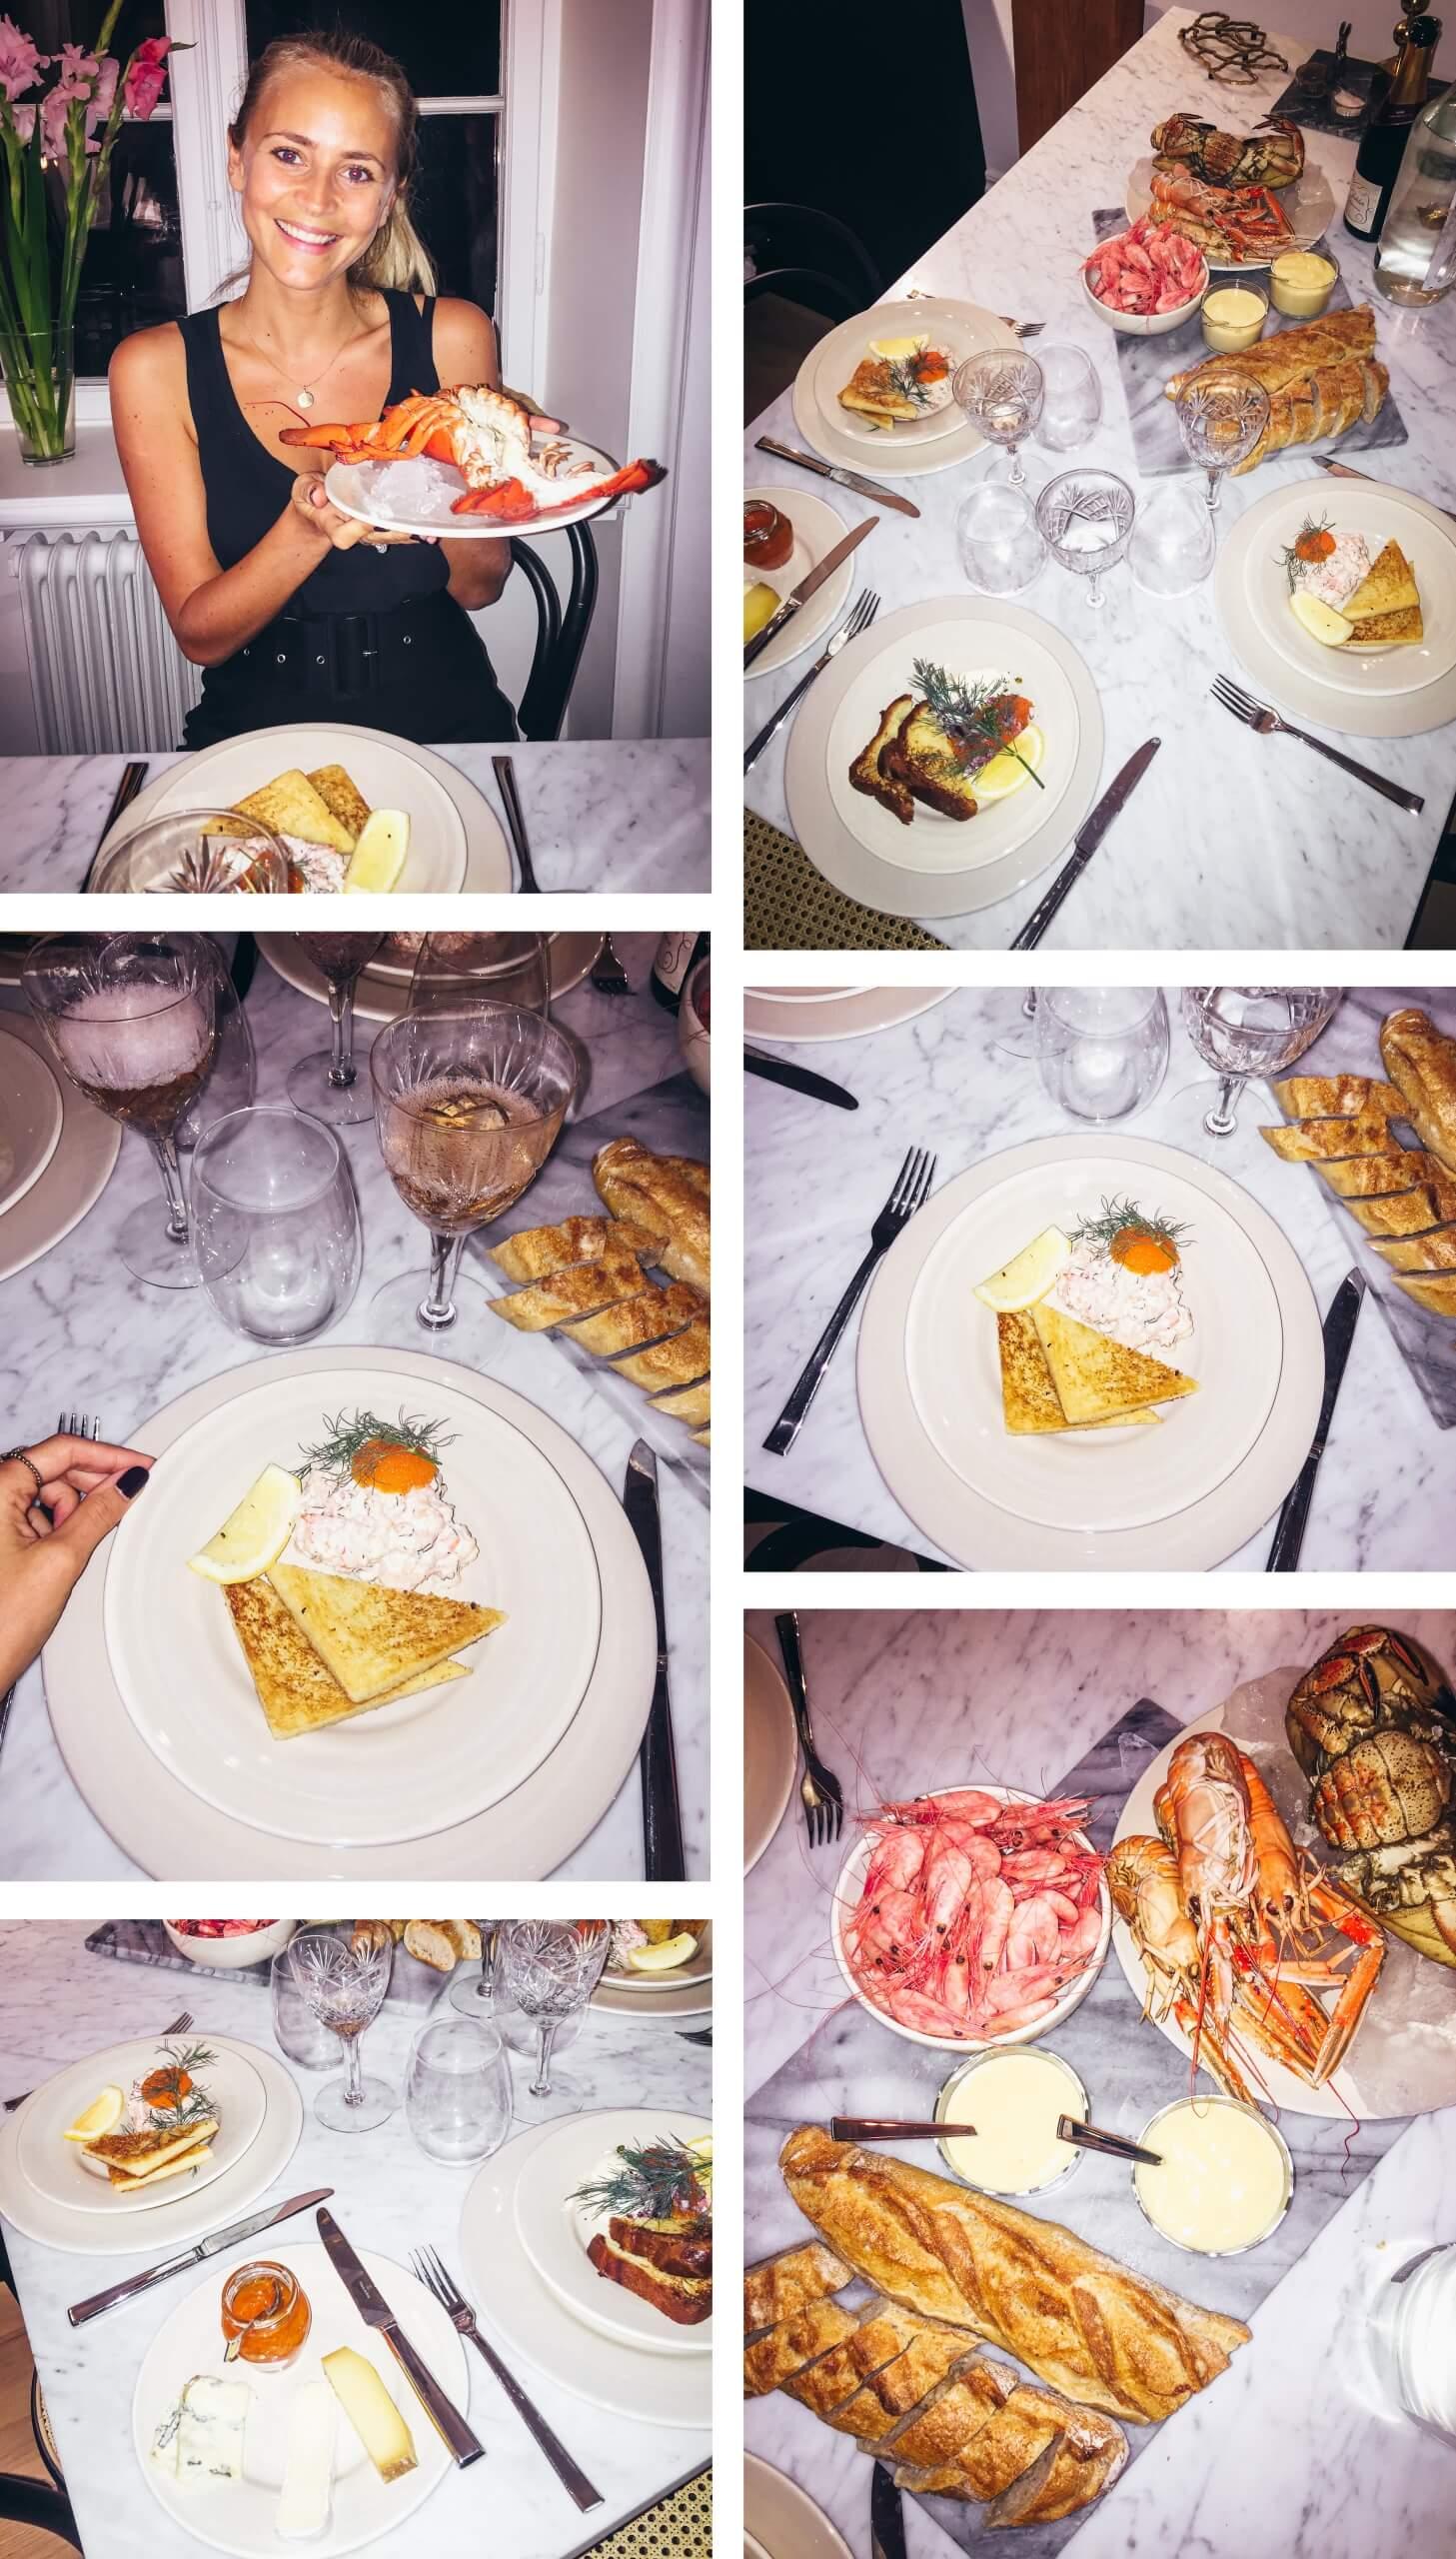 janni-deler-dinner-timeimg_5582-copy